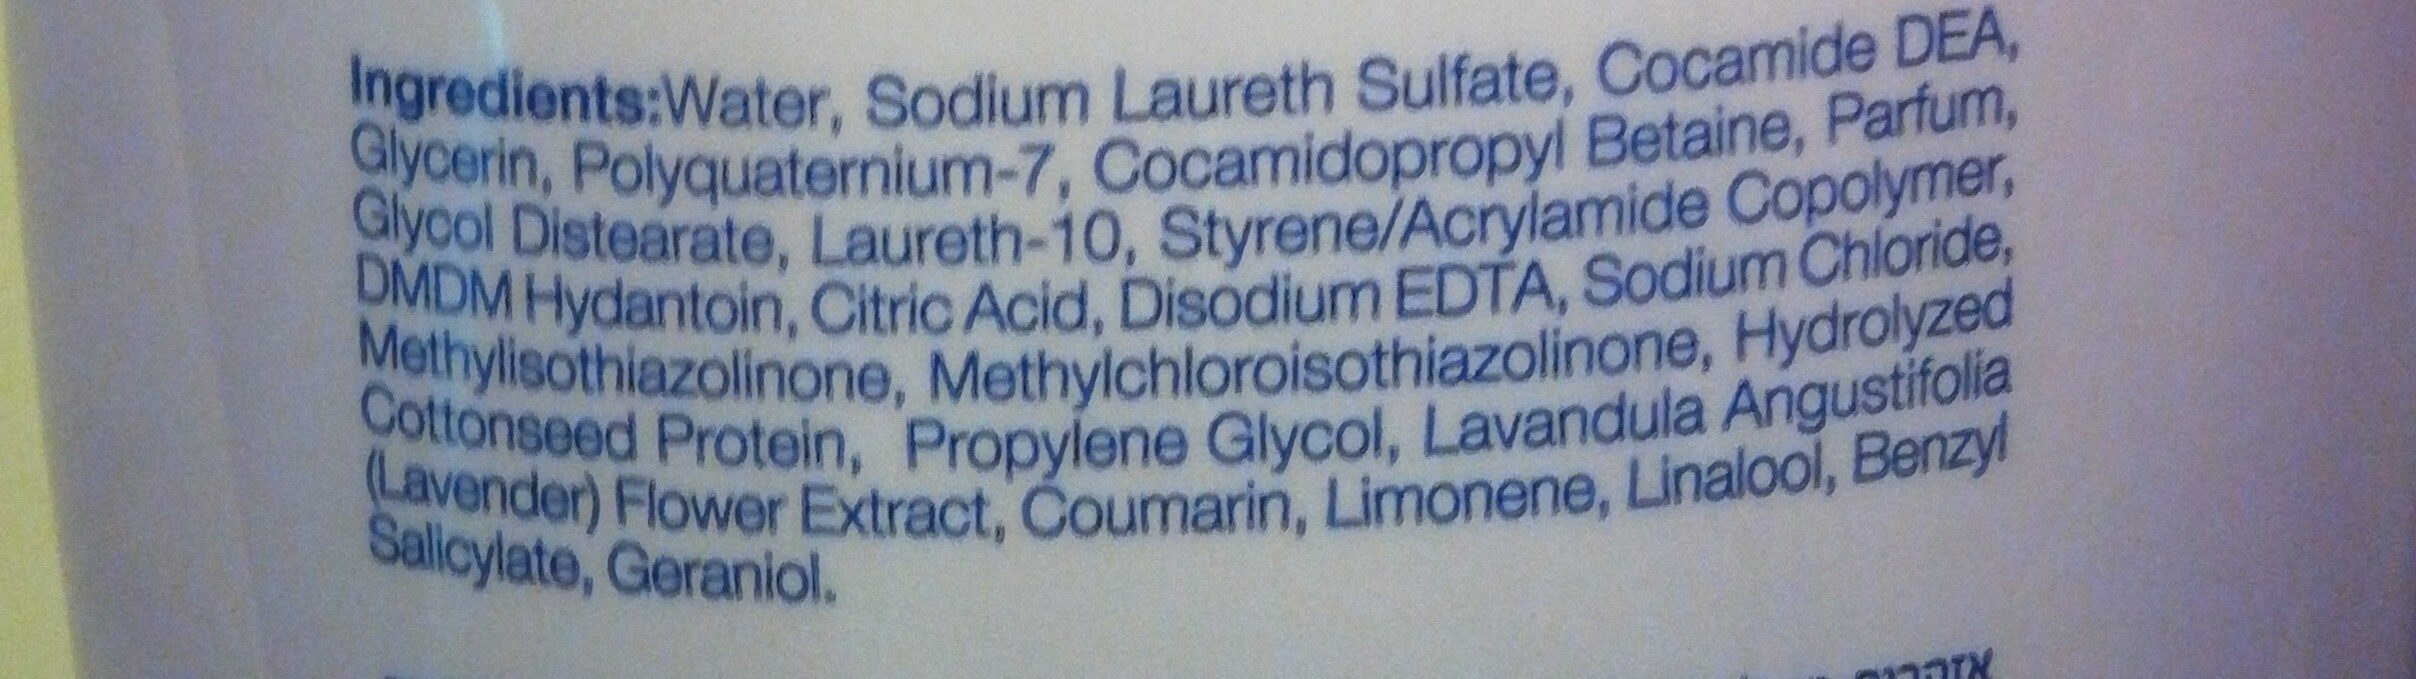 Lavender - Ingredients - en